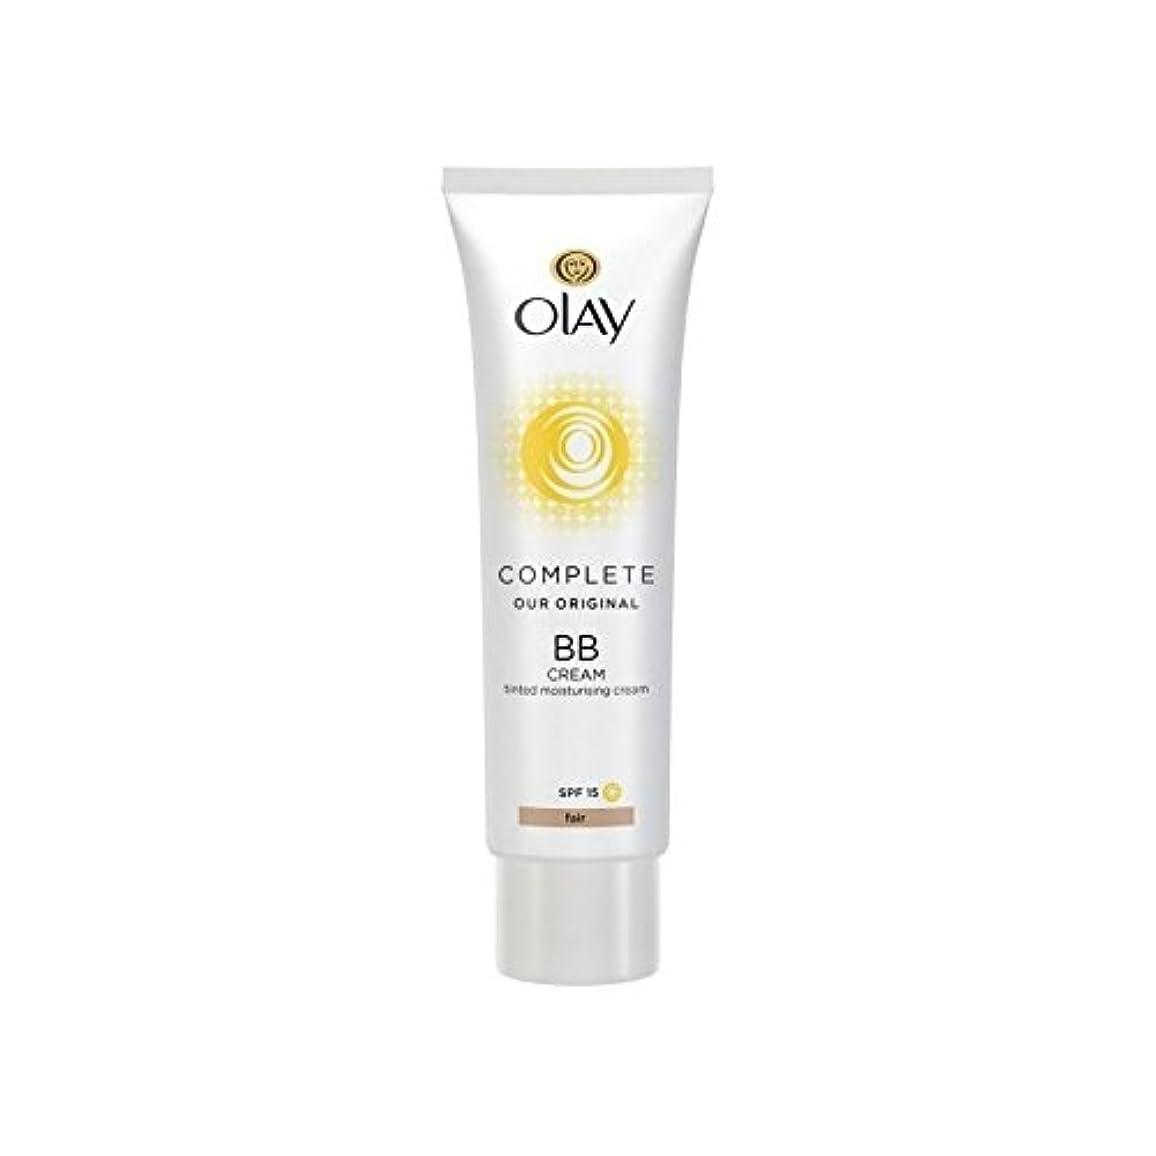 テザー視線凝視オーレイ完全なクリーム15フェアの50ミリリットル x2 - Olay Complete BB Cream Fair SPF15 50ml (Pack of 2) [並行輸入品]